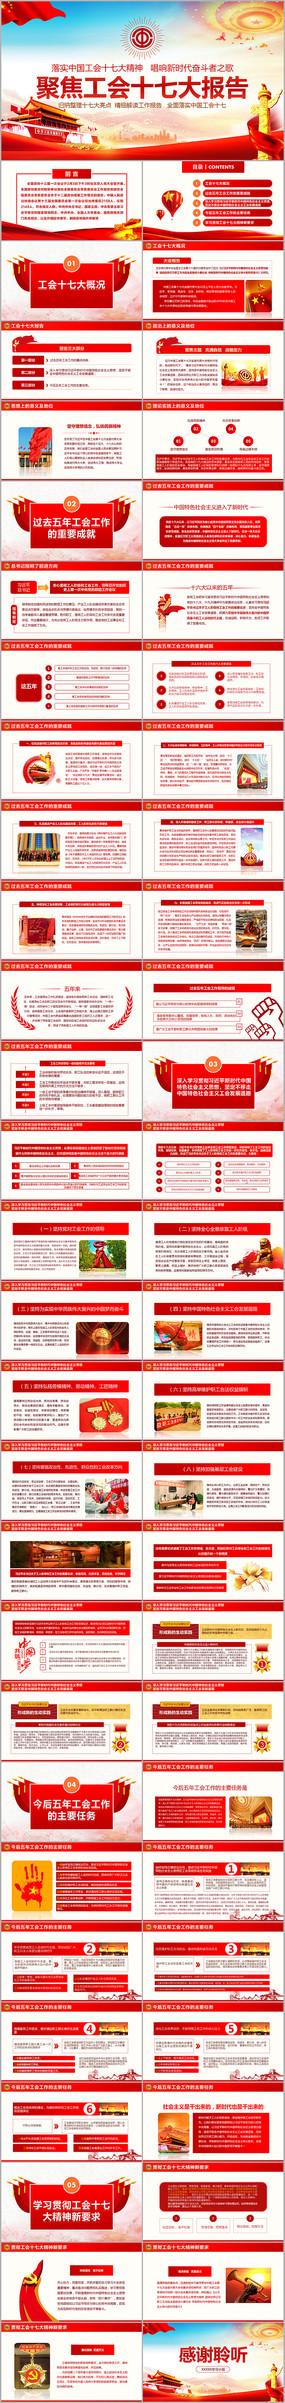 学习解读中国工会十七大精神PPT ppt